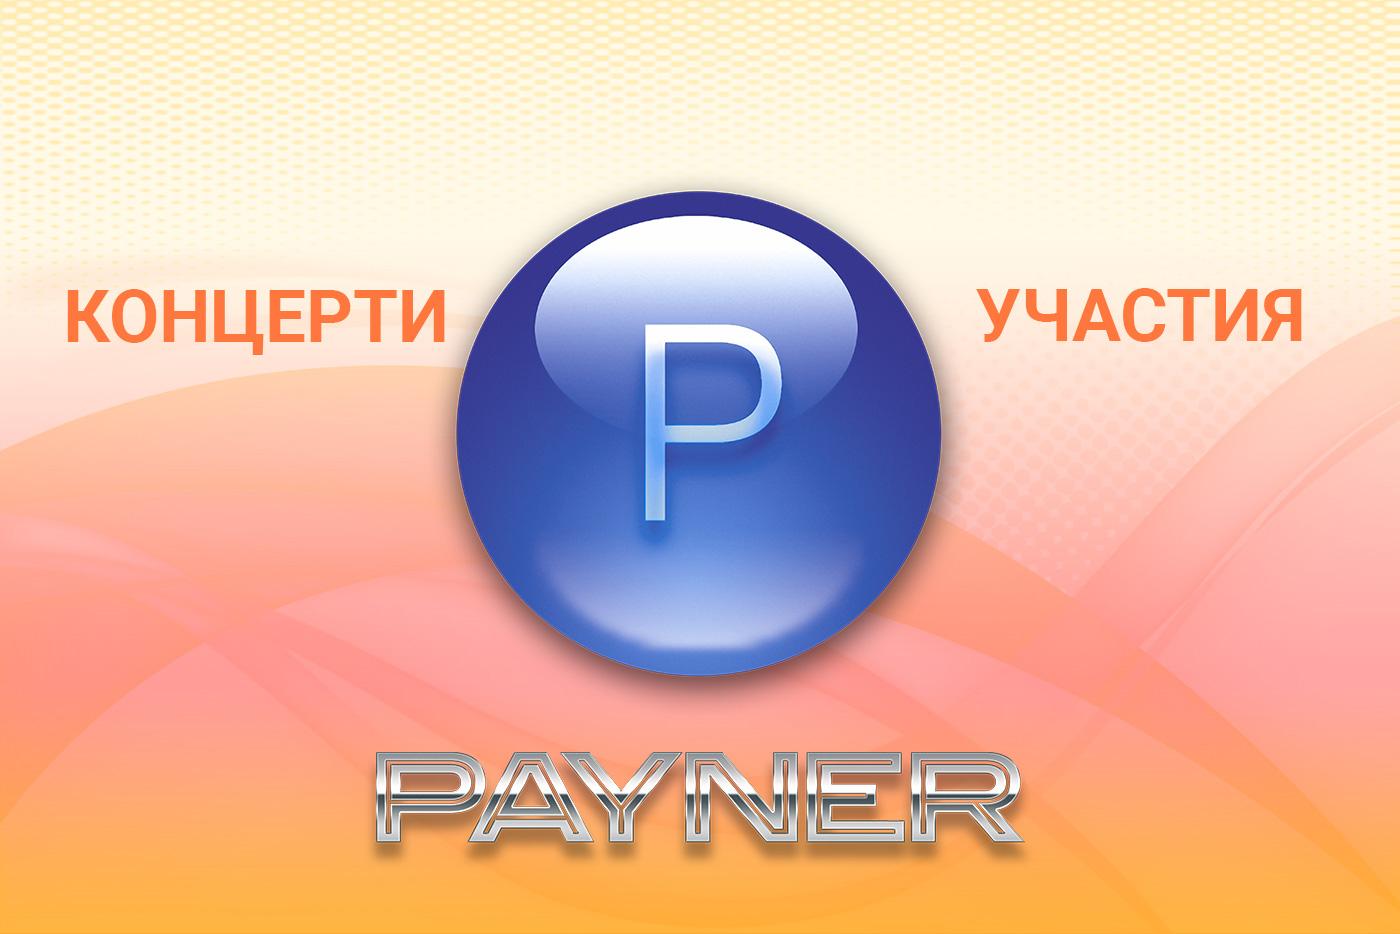 """Участия на звездите на """"Пайнер"""" на 17.08.2018"""